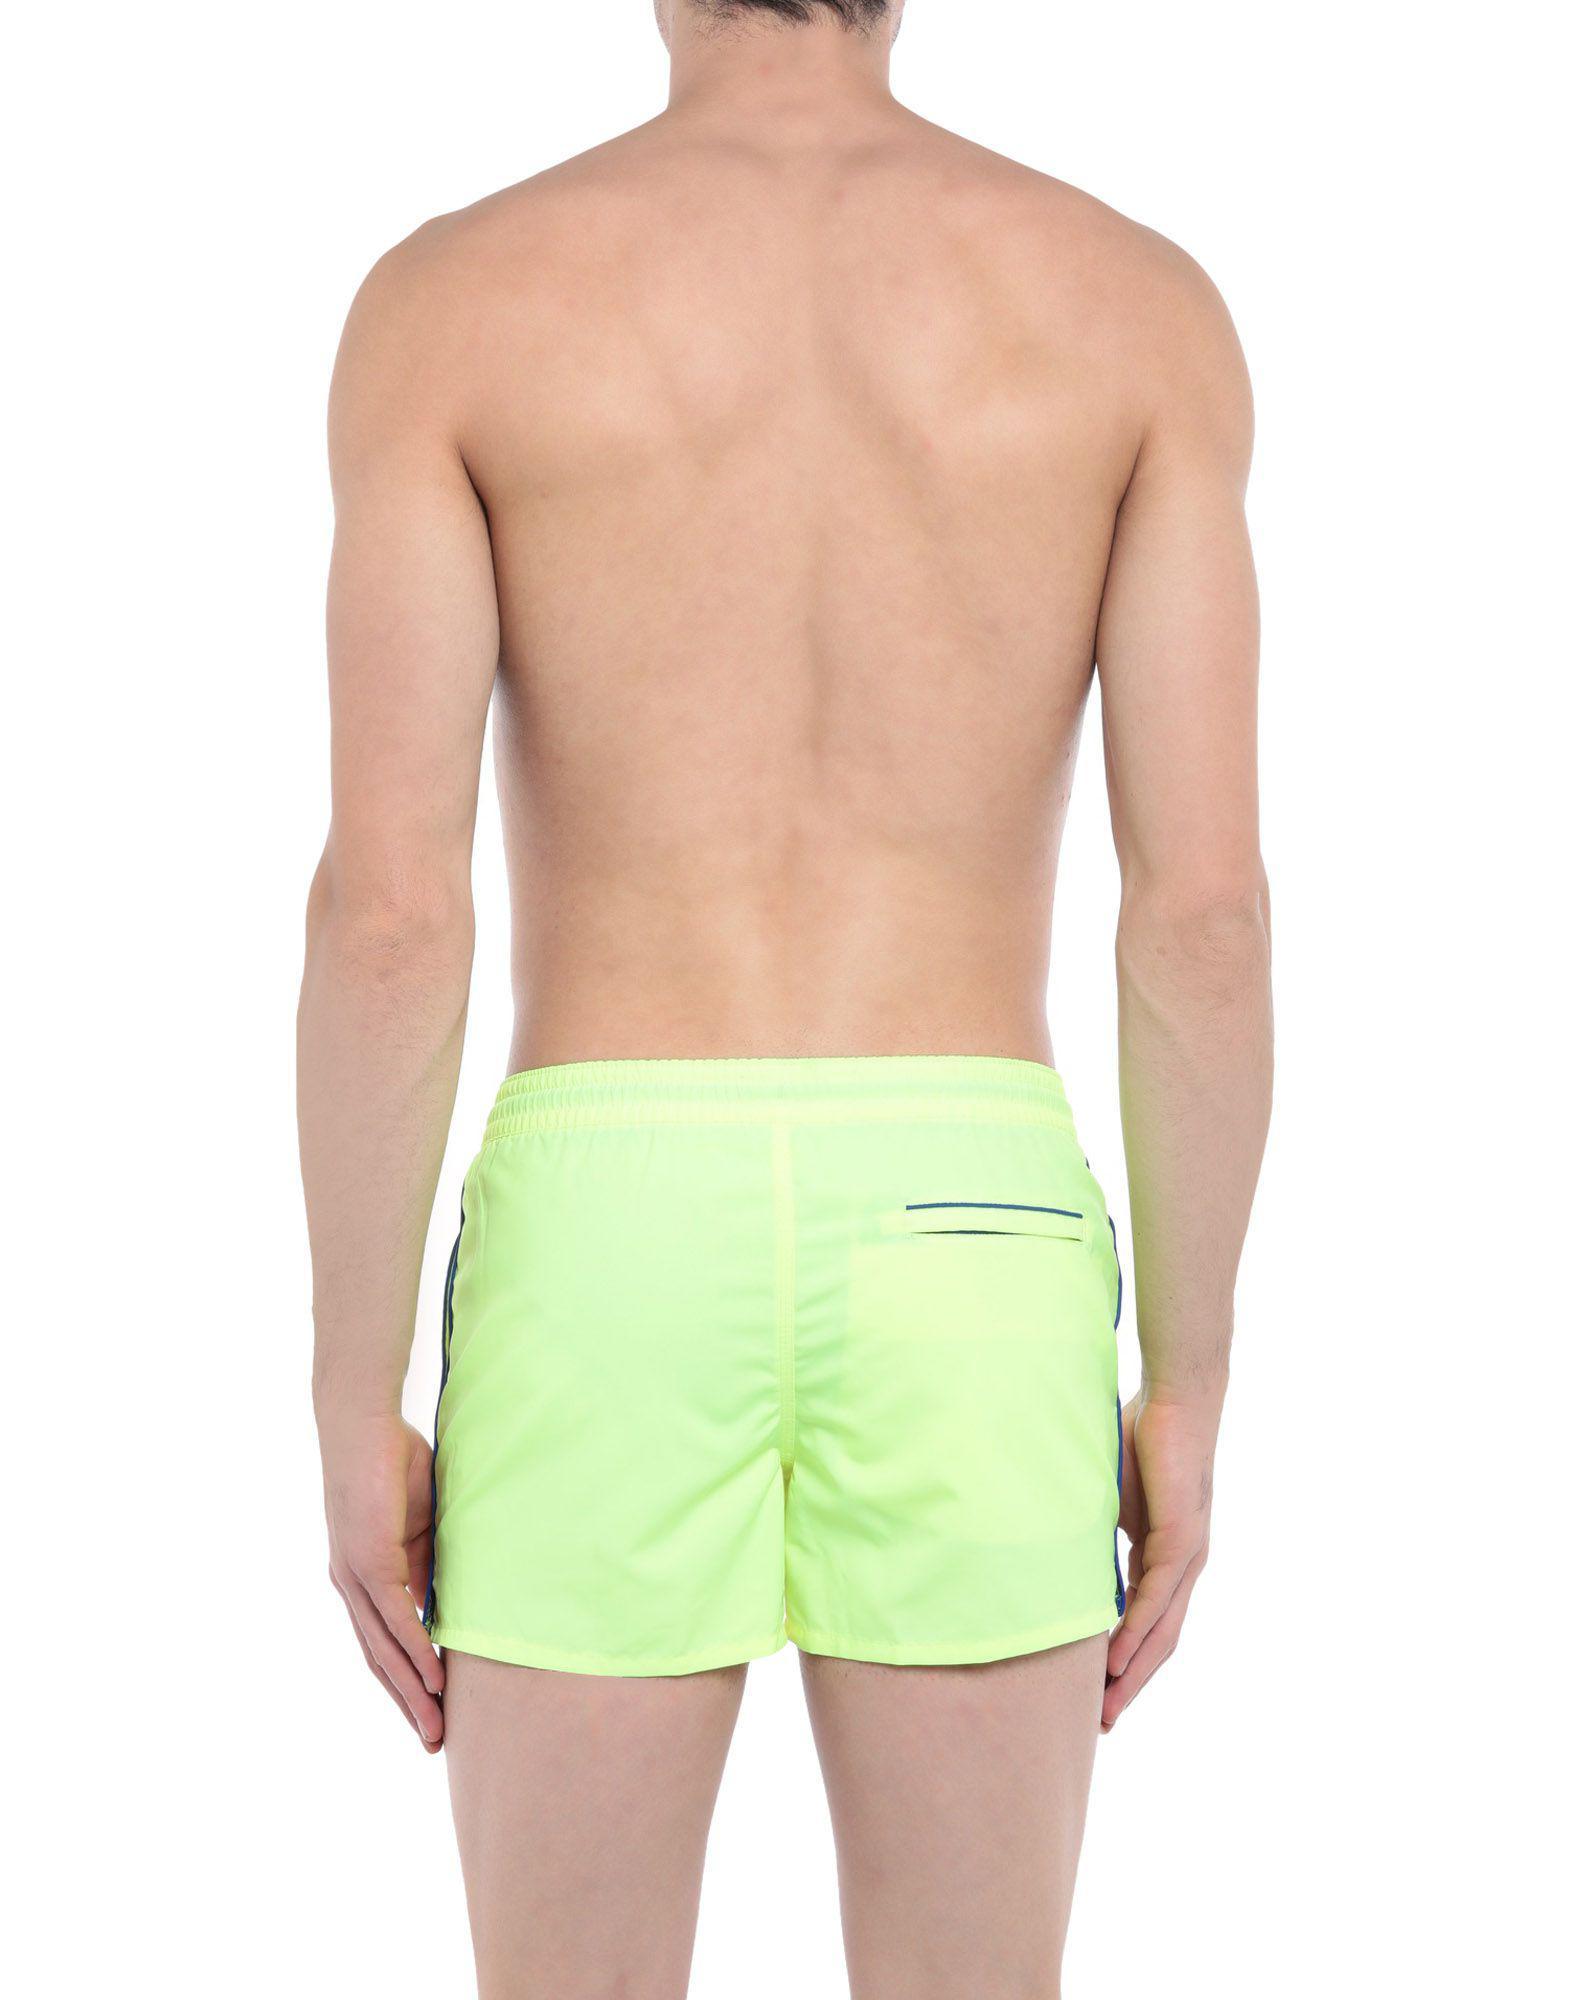 b03bbd8ebfa Sundek Swimming Trunks in Green for Men - Lyst